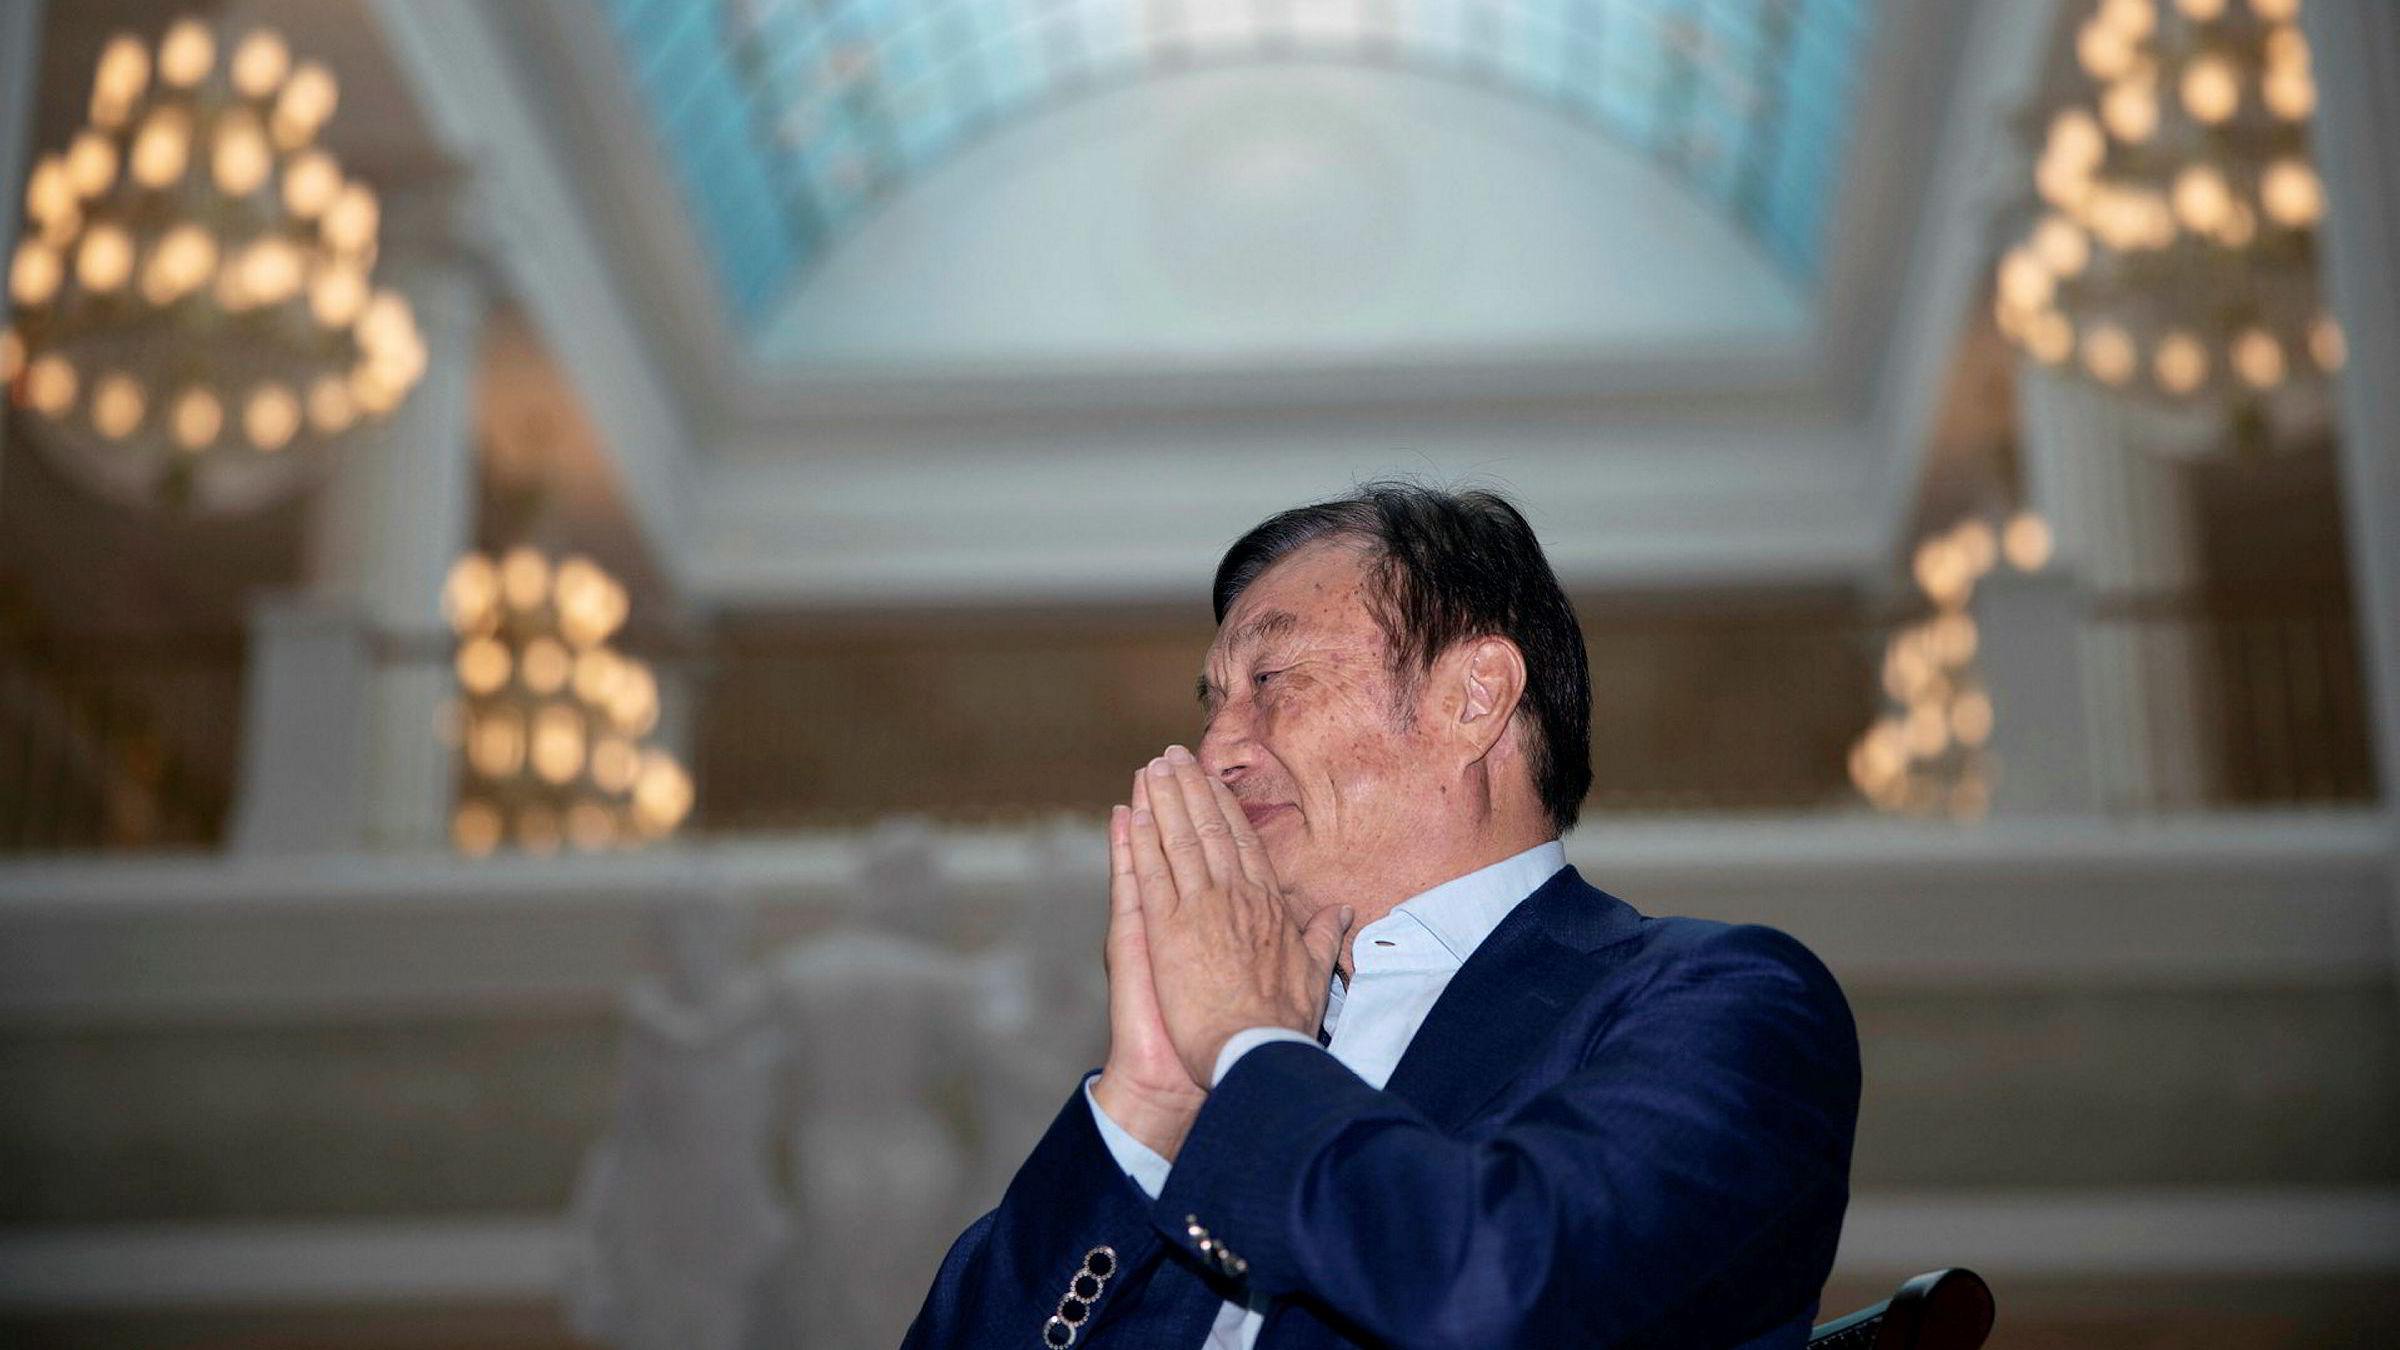 Huaweis toppsjef Ren Zhengfei er i det gavmilde hjørnet. Han belønner nesten alle ansatte med en ekstra månedslønn og bonus for å ha stått gjennom stormen det siste halvåret. Her står Zhengfei i Huaweis hovedkvarter i Shenzhen i Kina.